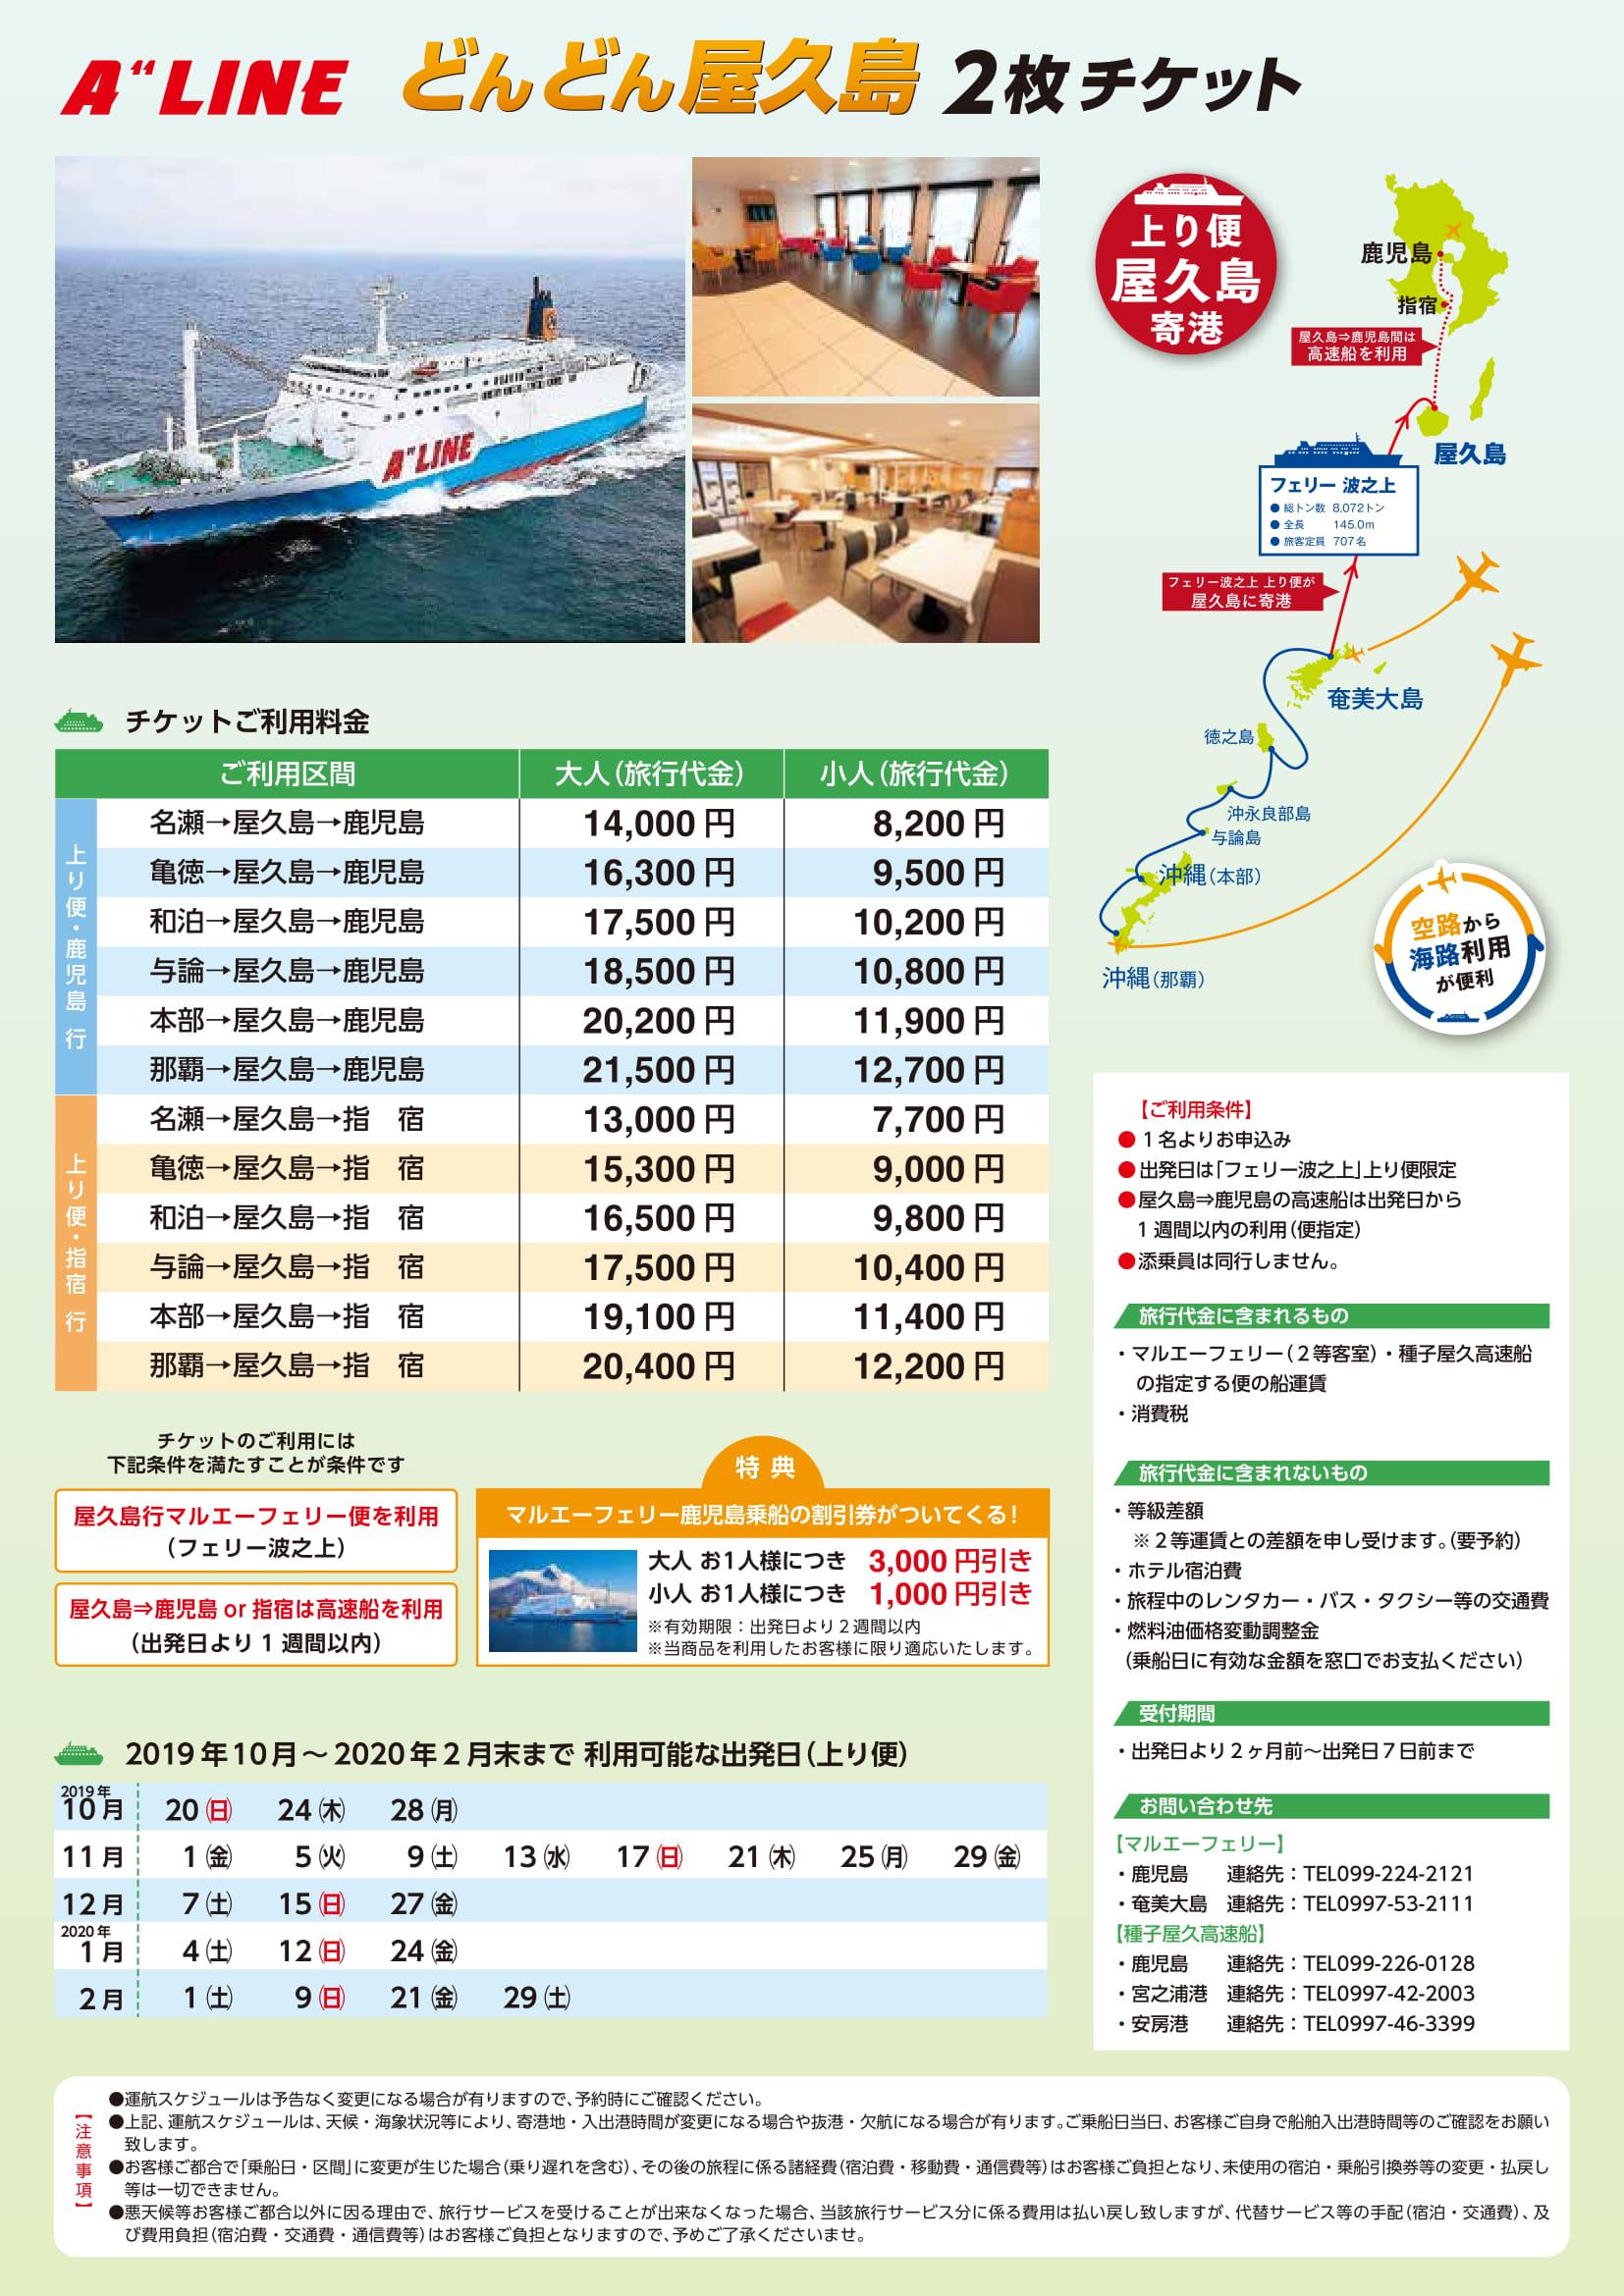 奄美→屋久島便がいよいよ就航